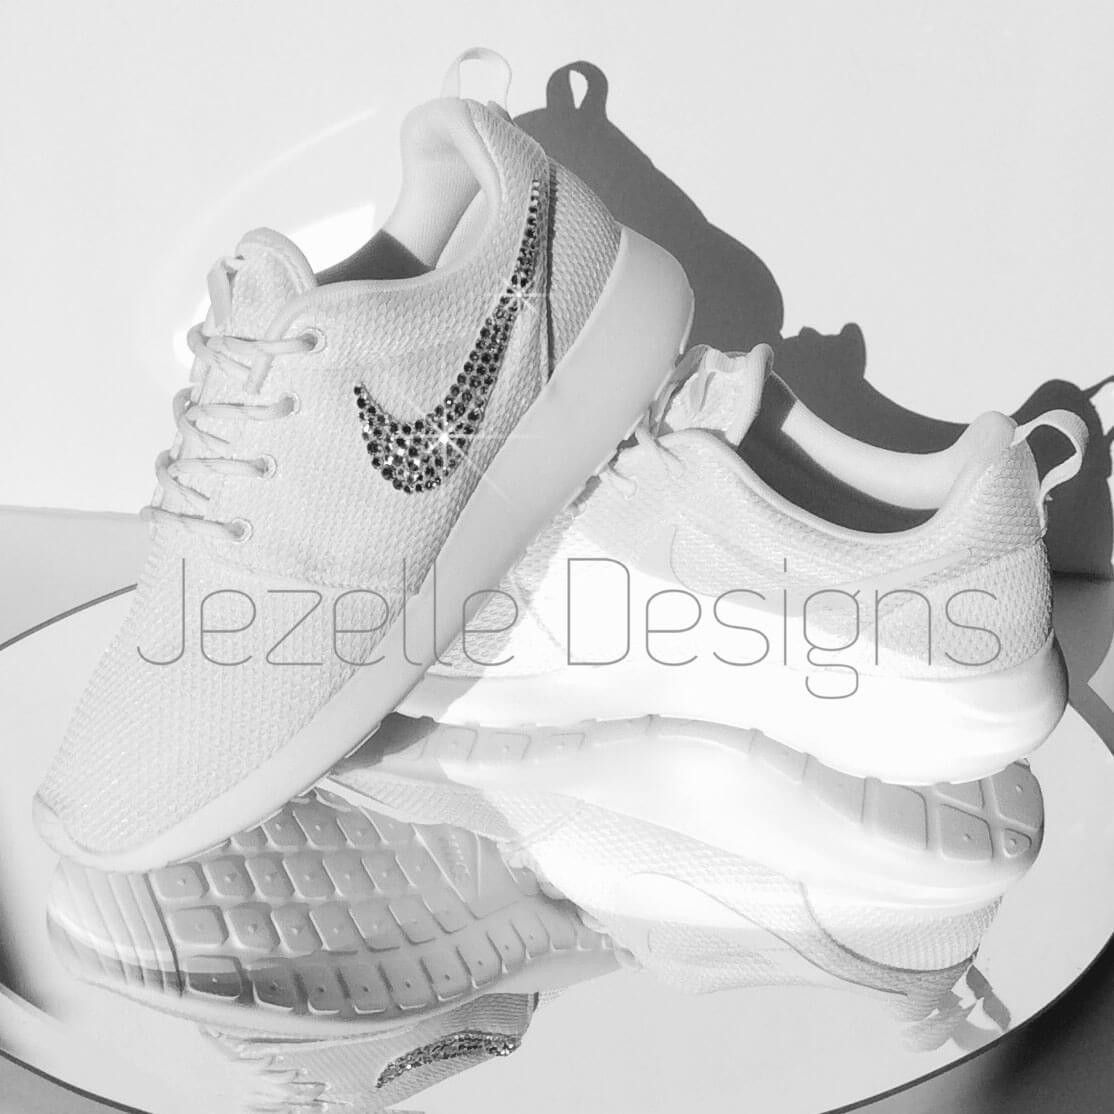 8dccf0174 Bling Swarovski Nike Roshe One (White) | Roshe | Bling nike shoes ...